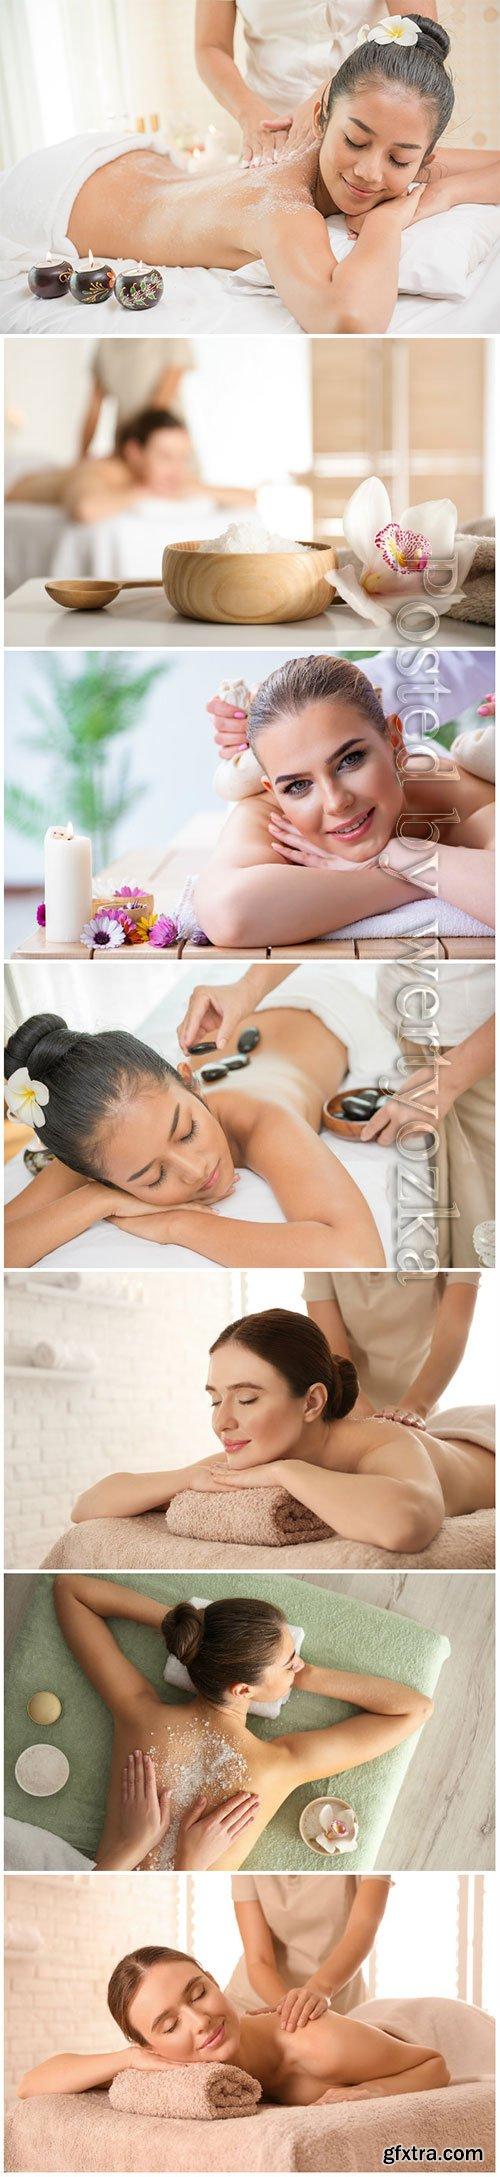 Spa treatments, beautiful, girls, spa, massage